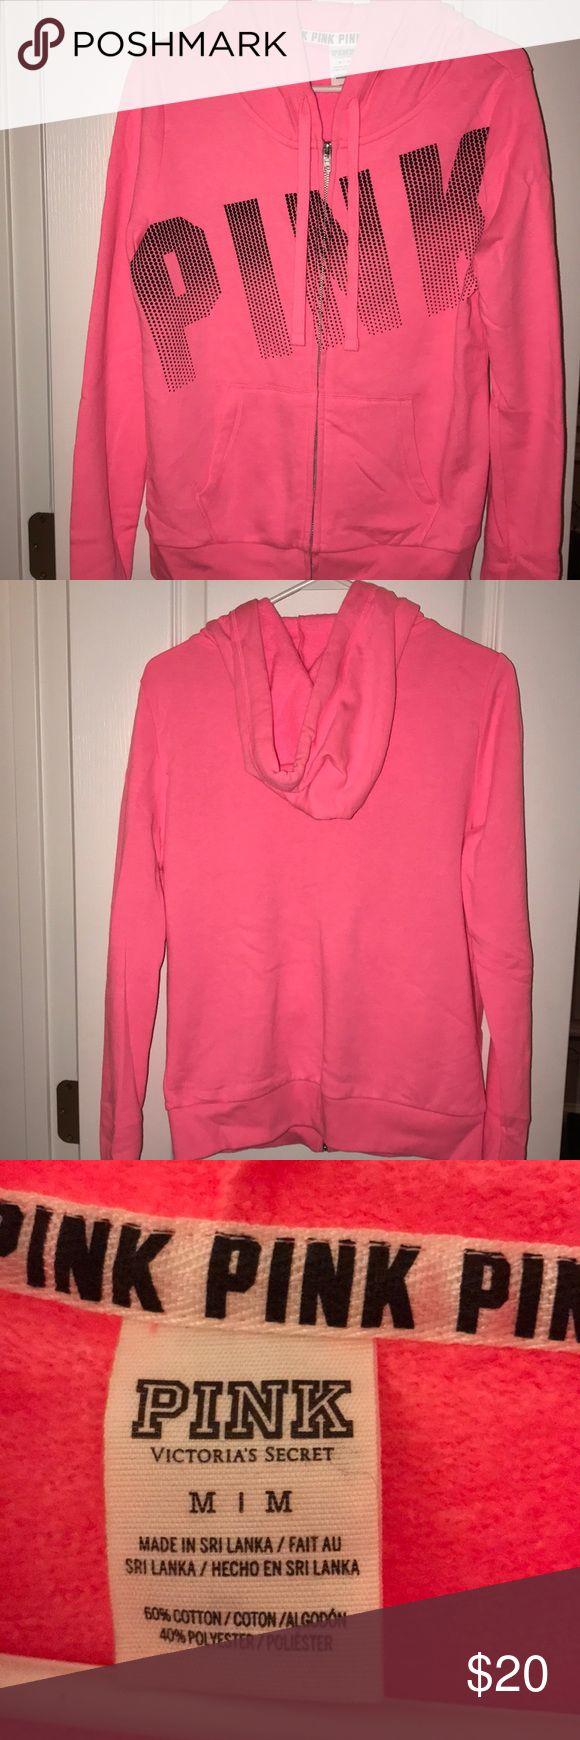 Best 25  Pink zip up hoodies ideas on Pinterest | Pink zip ups ...